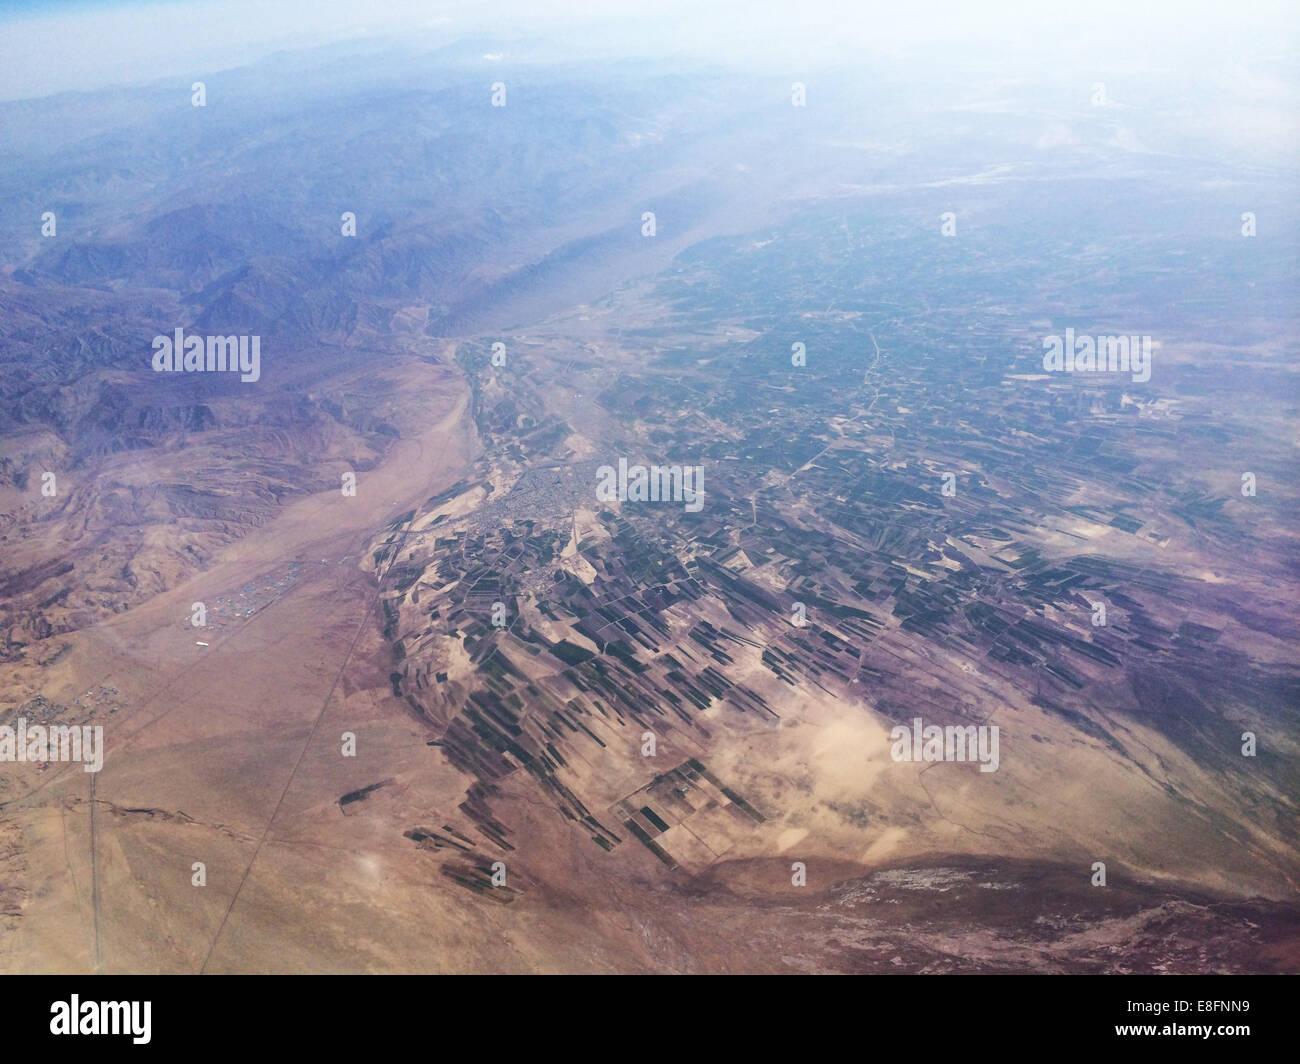 Vista aerea di campi agricoli e sulle montagne Immagini Stock